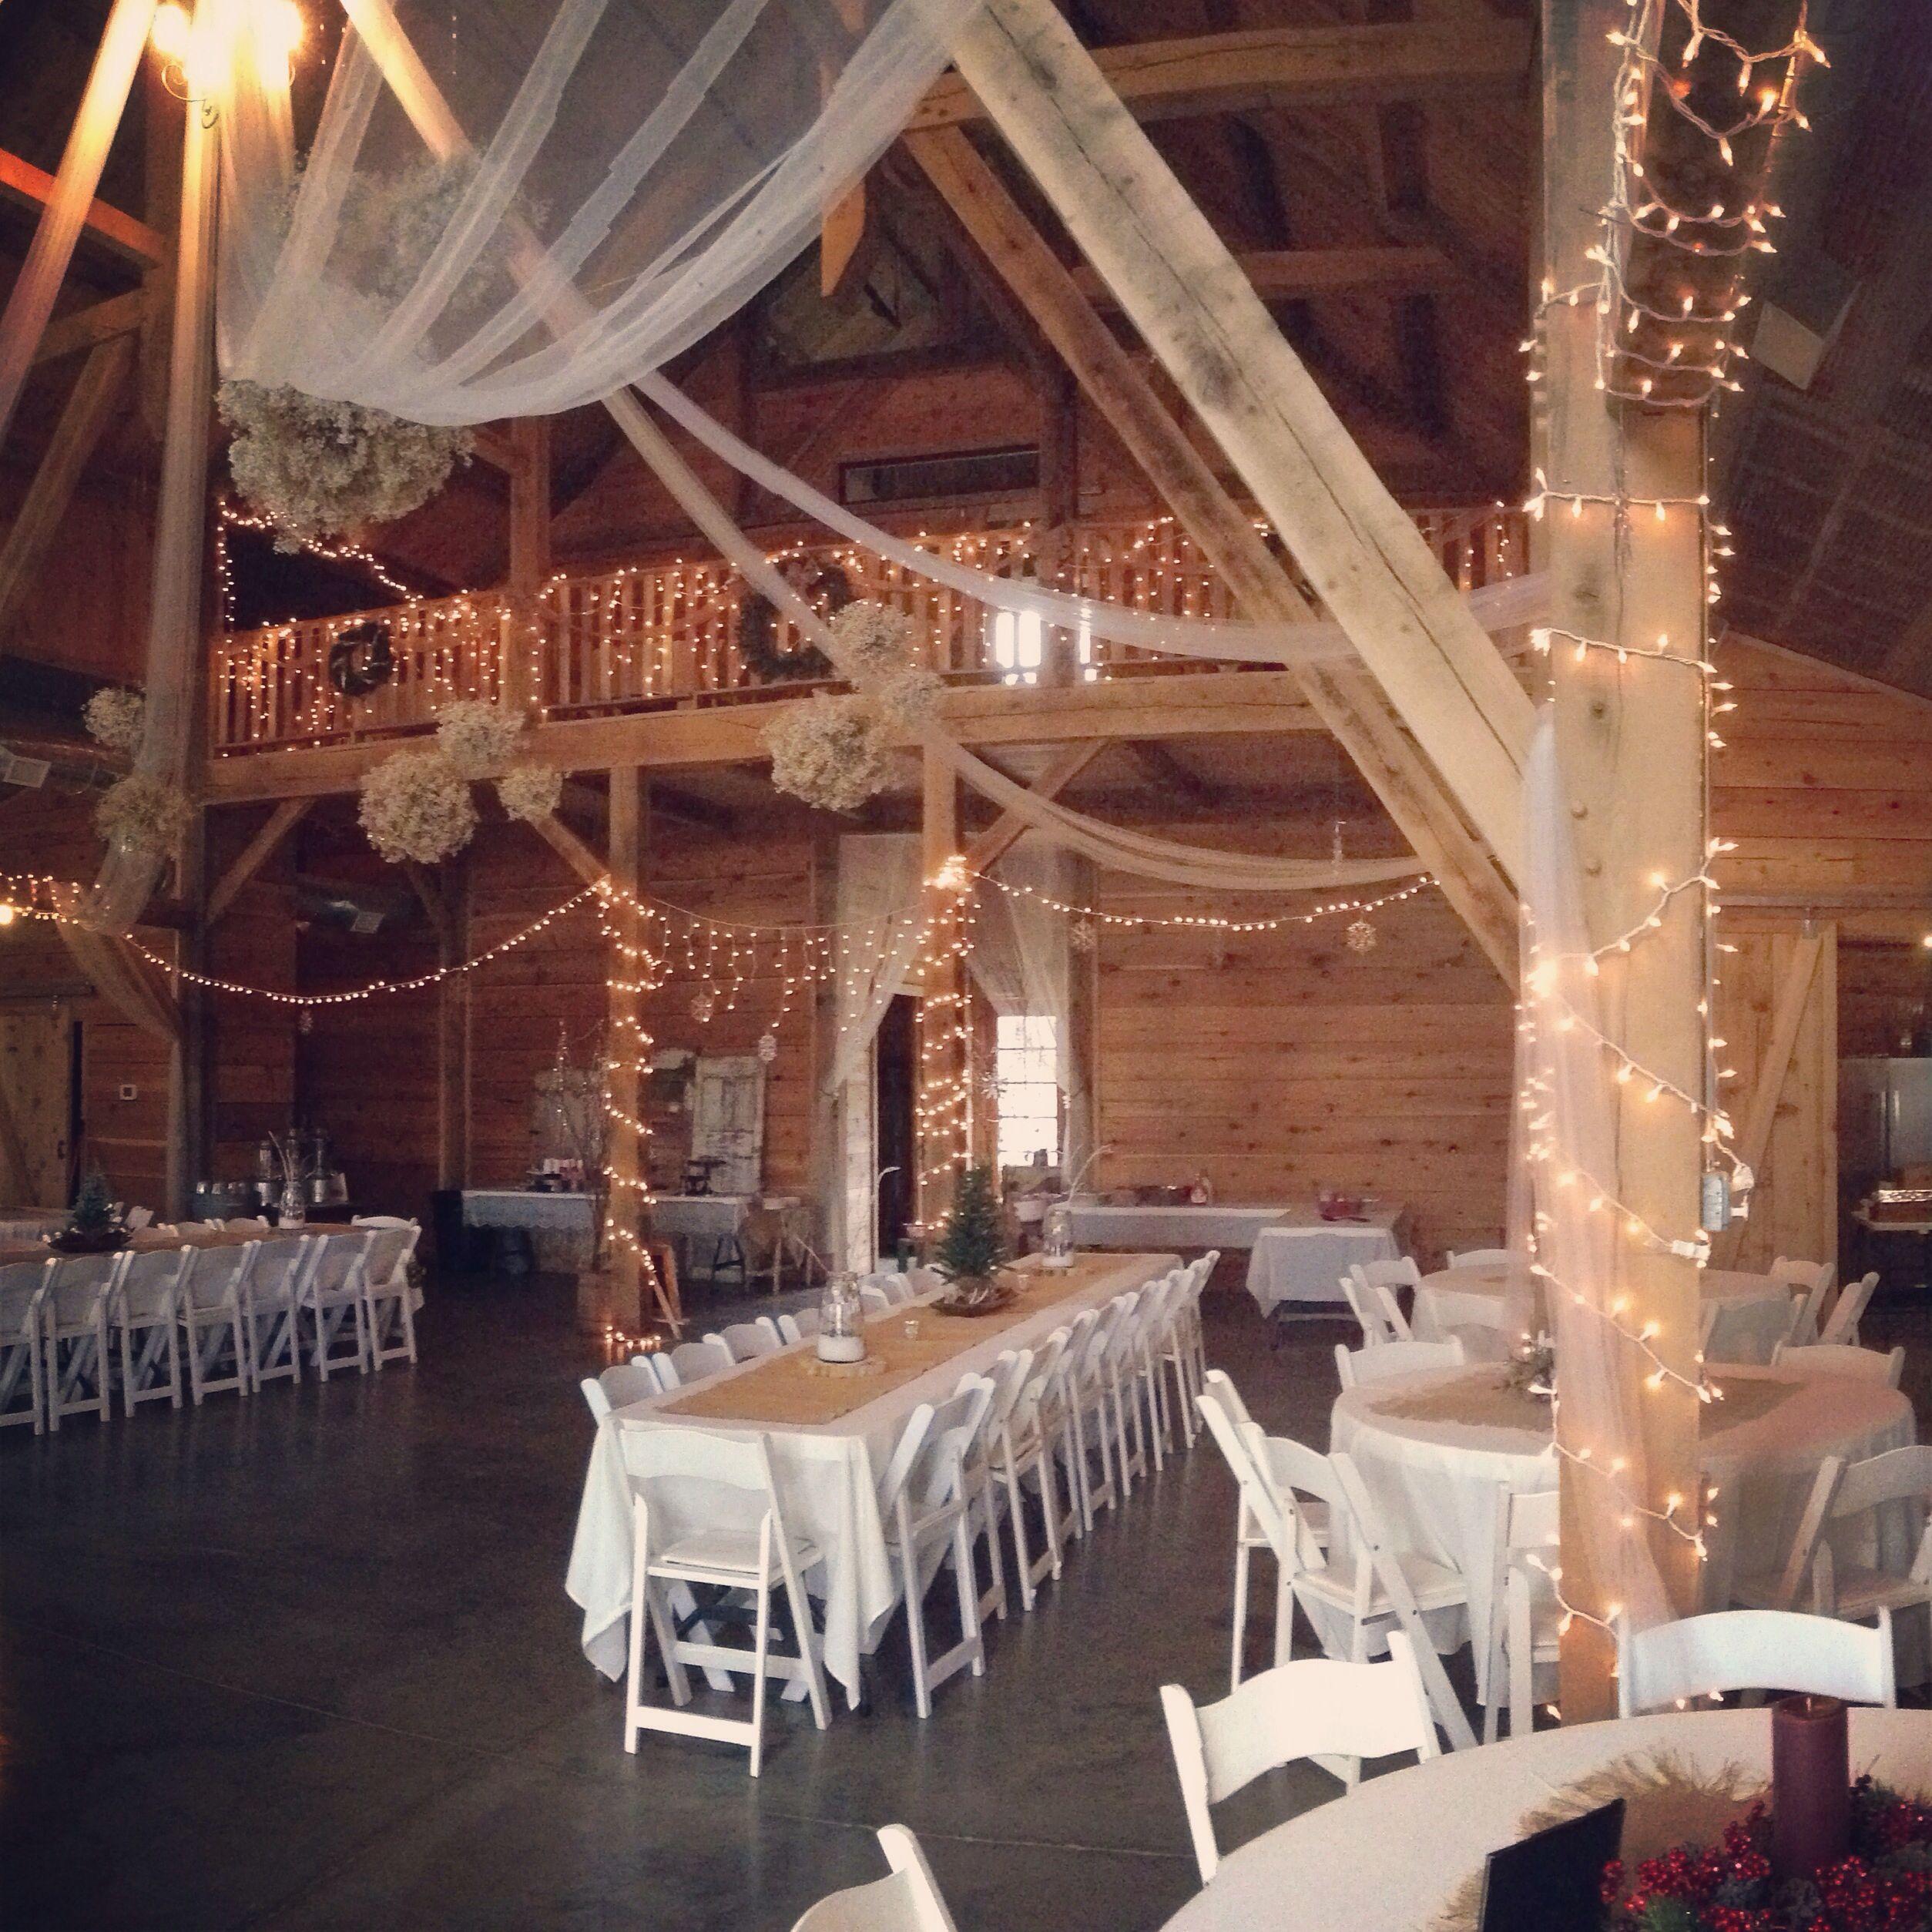 Christmas Barn Wedding: The Barn At Stone Valley Plantation Barn Wedding Christmas